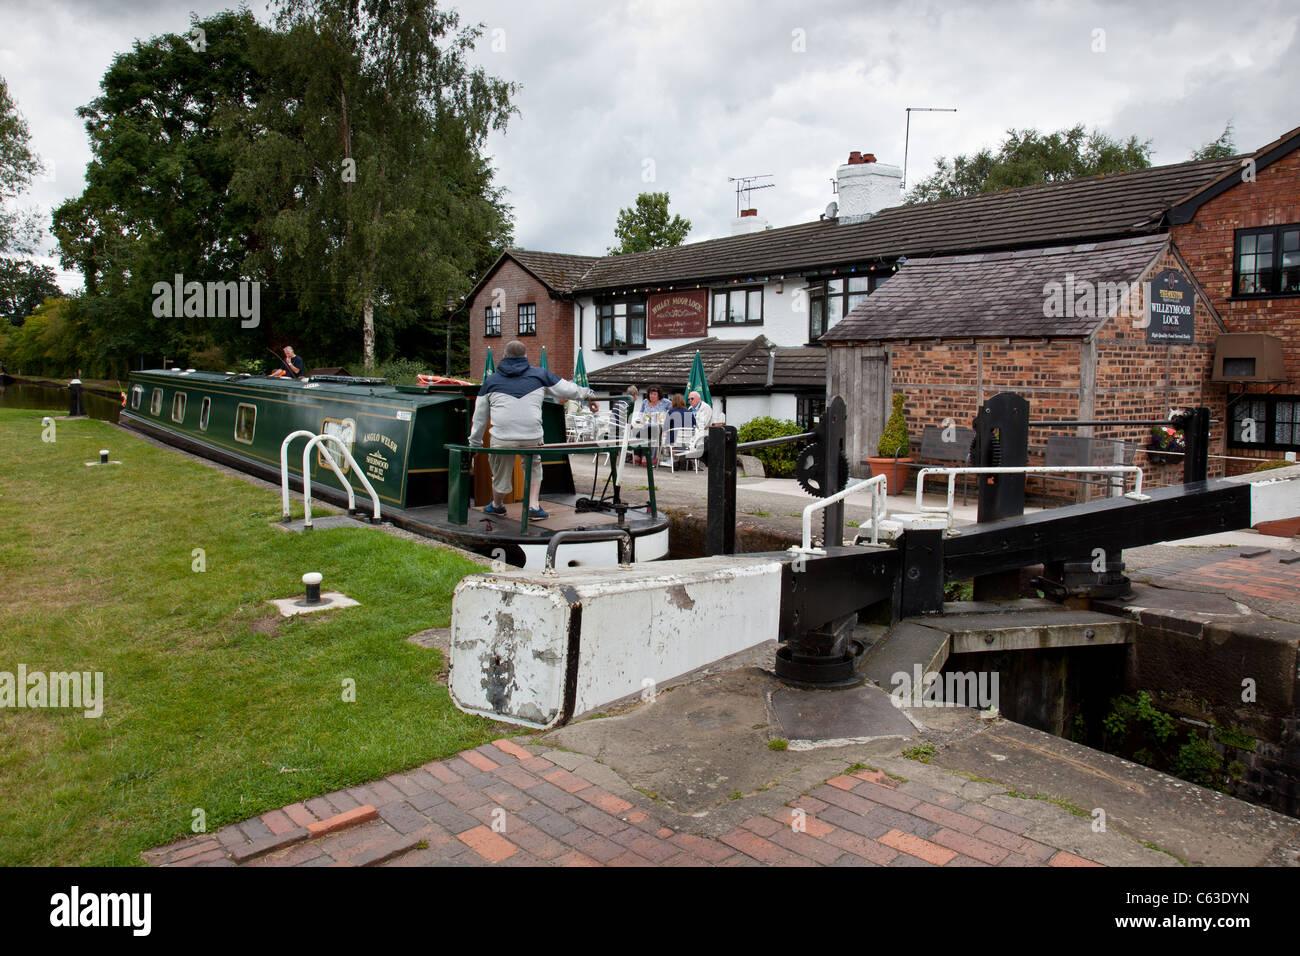 Bateau de quitter l'écluse de Willey Moor, sur le canal de Llangollen près de Whitchurch, Shropshire Photo Stock